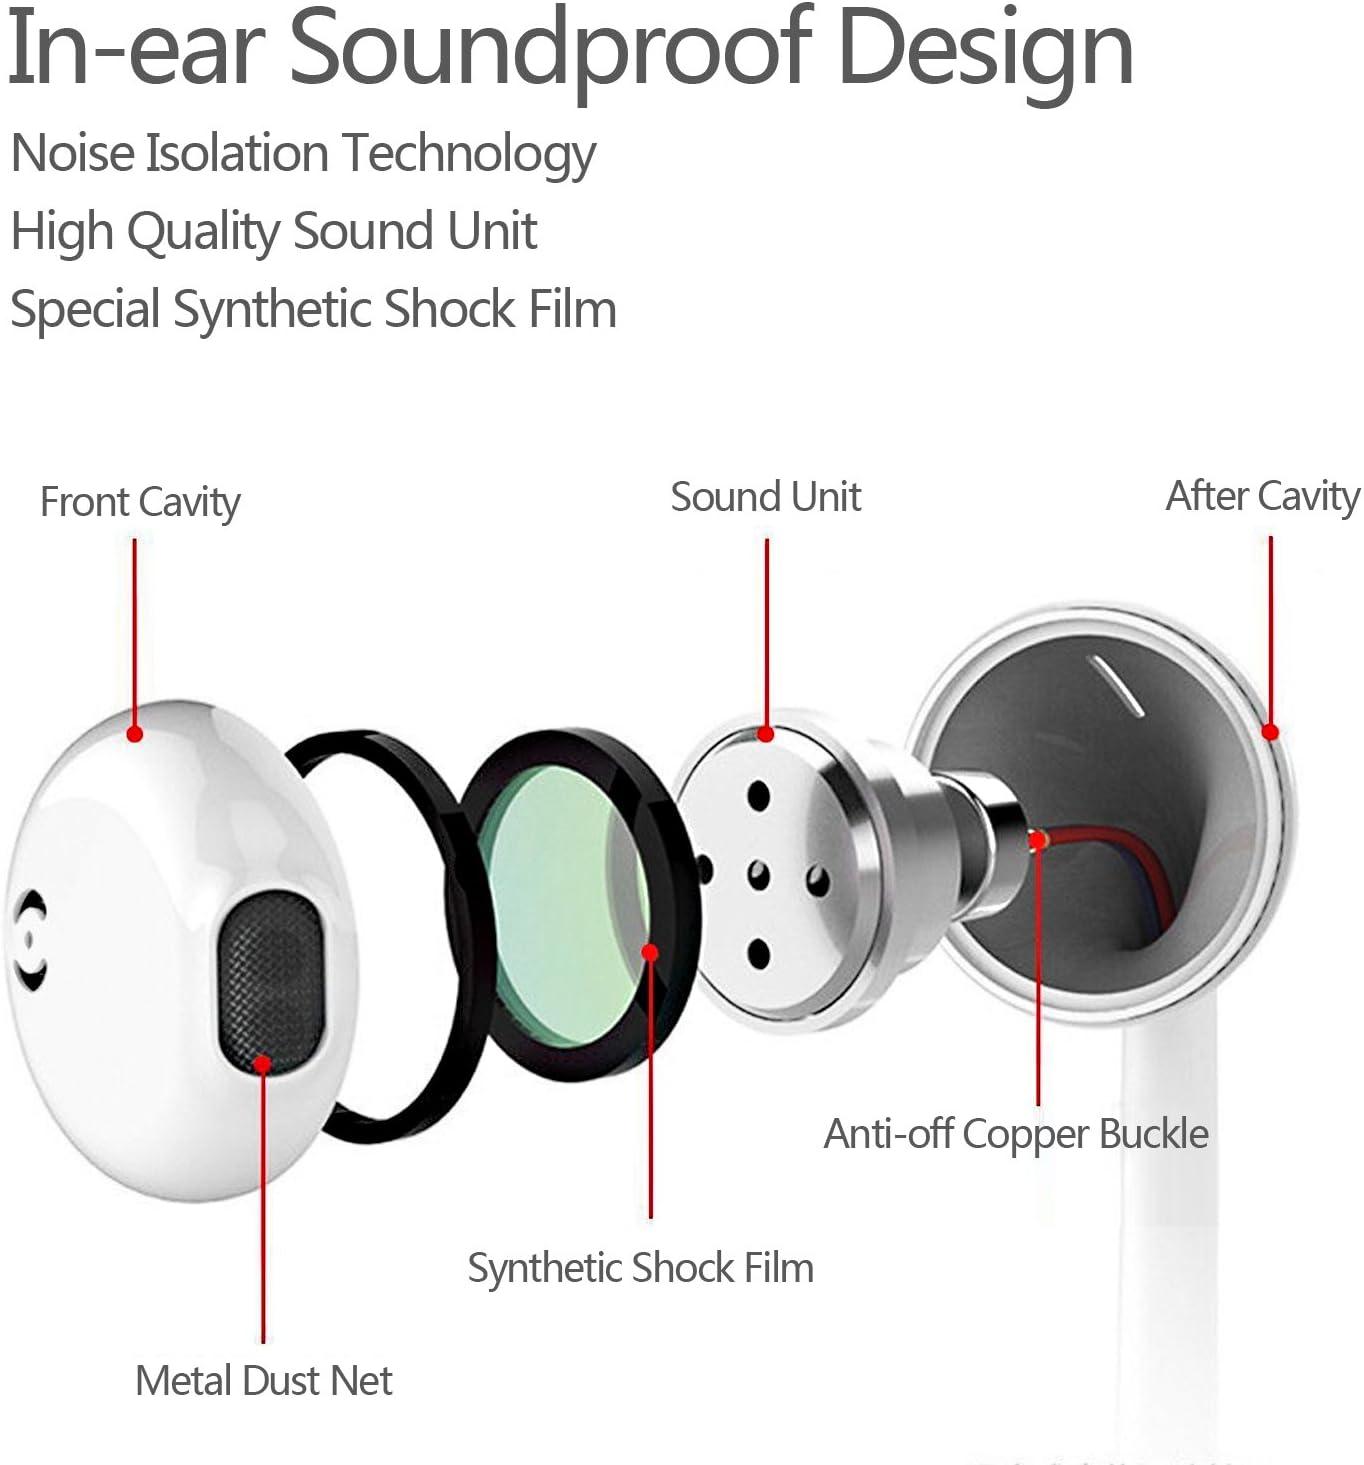 In-Ear Kopfh/örer Ger/äuschd/ämmende Ohrh/örer Kopfh/örer Headsets Earphones Ear Kopfh/örer mit Mikrofon kompatibel mit alle 3,5mm Klinkenstecker Samsung Huawei Android Smartphone und MP3 Player